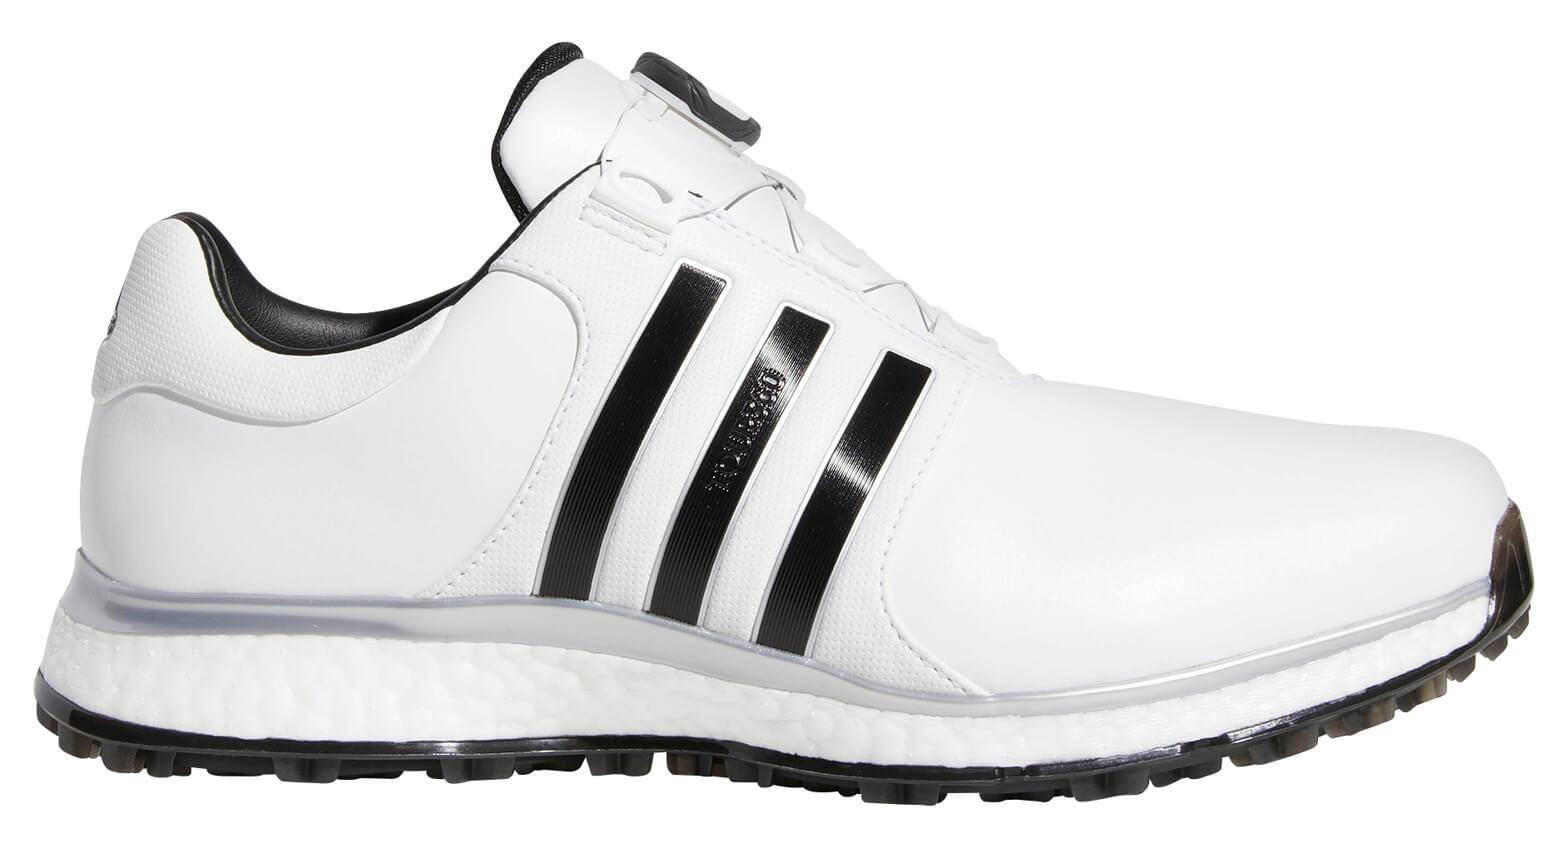 Adidas Tour 360 XT Spikeless BOA Golf